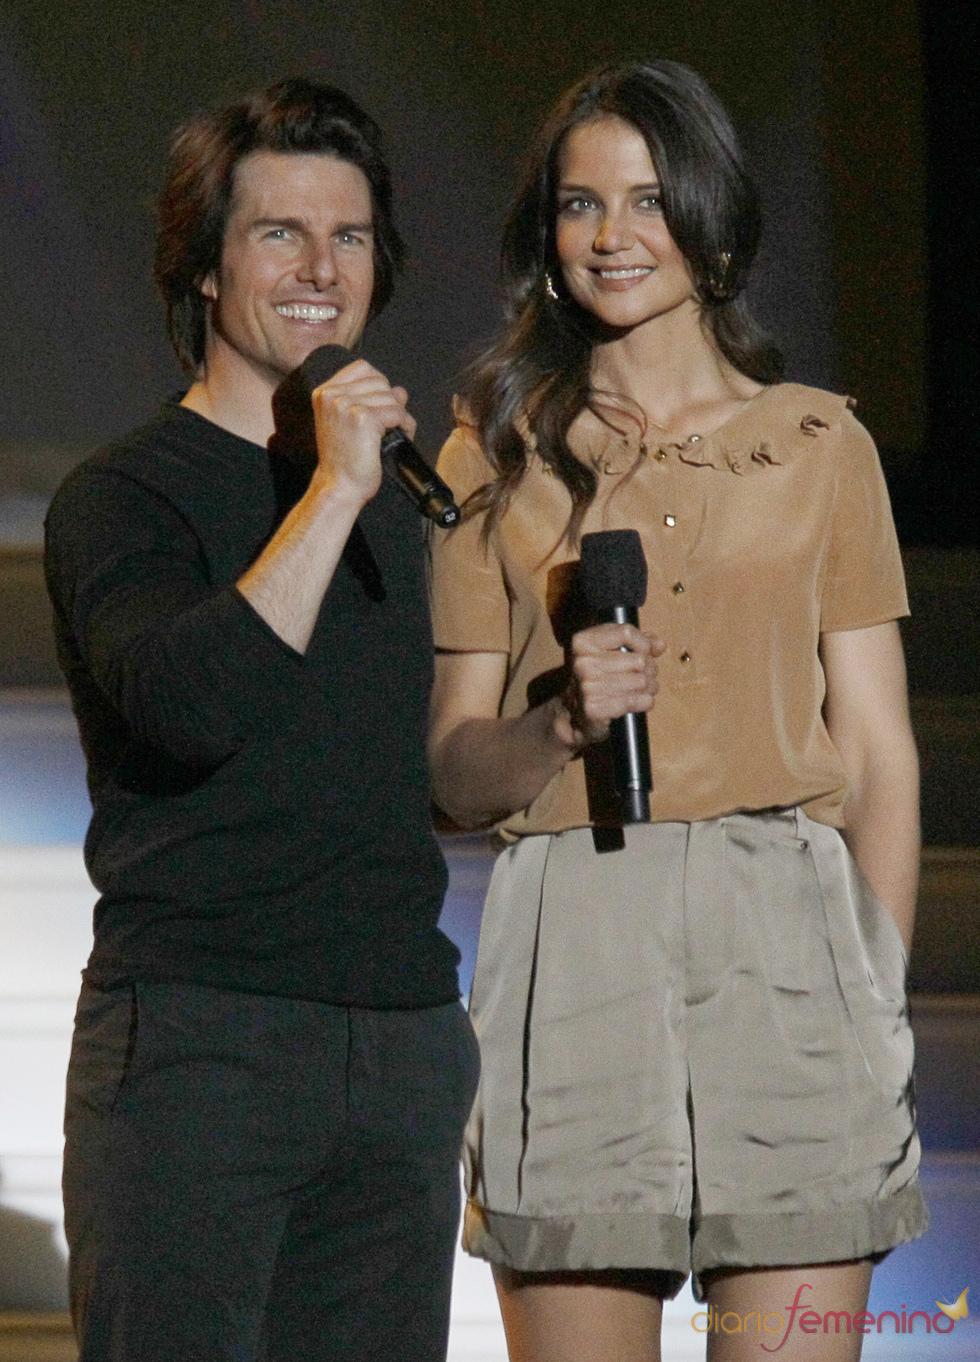 Tom Cruise y Katie Holmes en la grabación del último show de Oprah